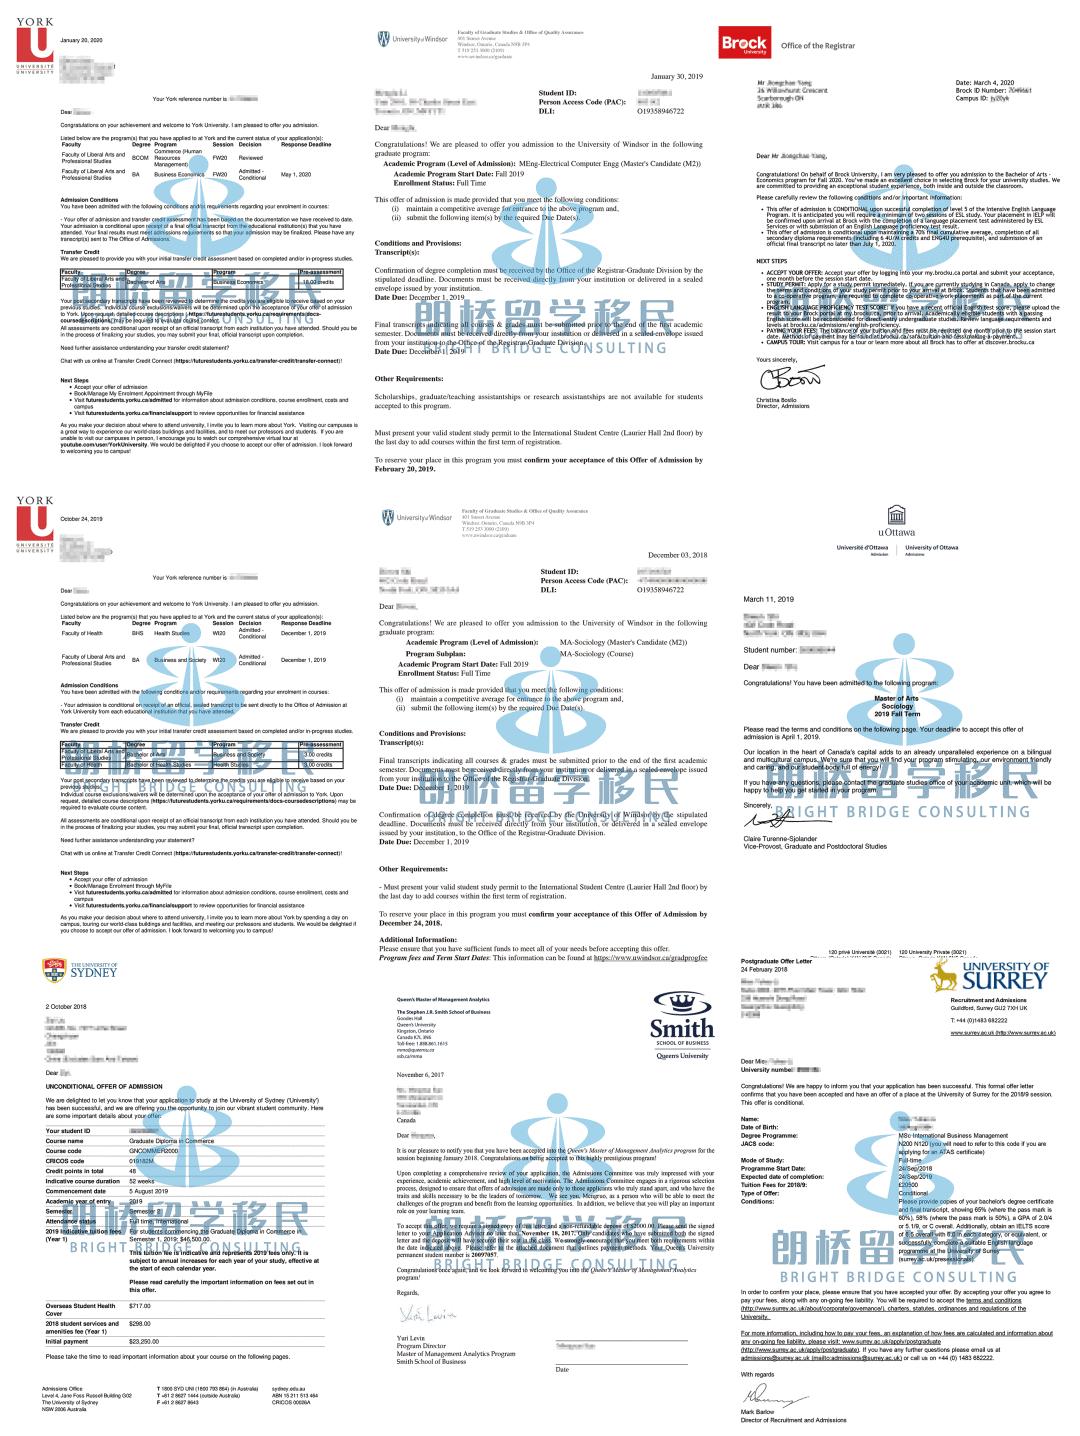 2021年加拿大留学生报税指南,你想要薅的羊毛全在这里!